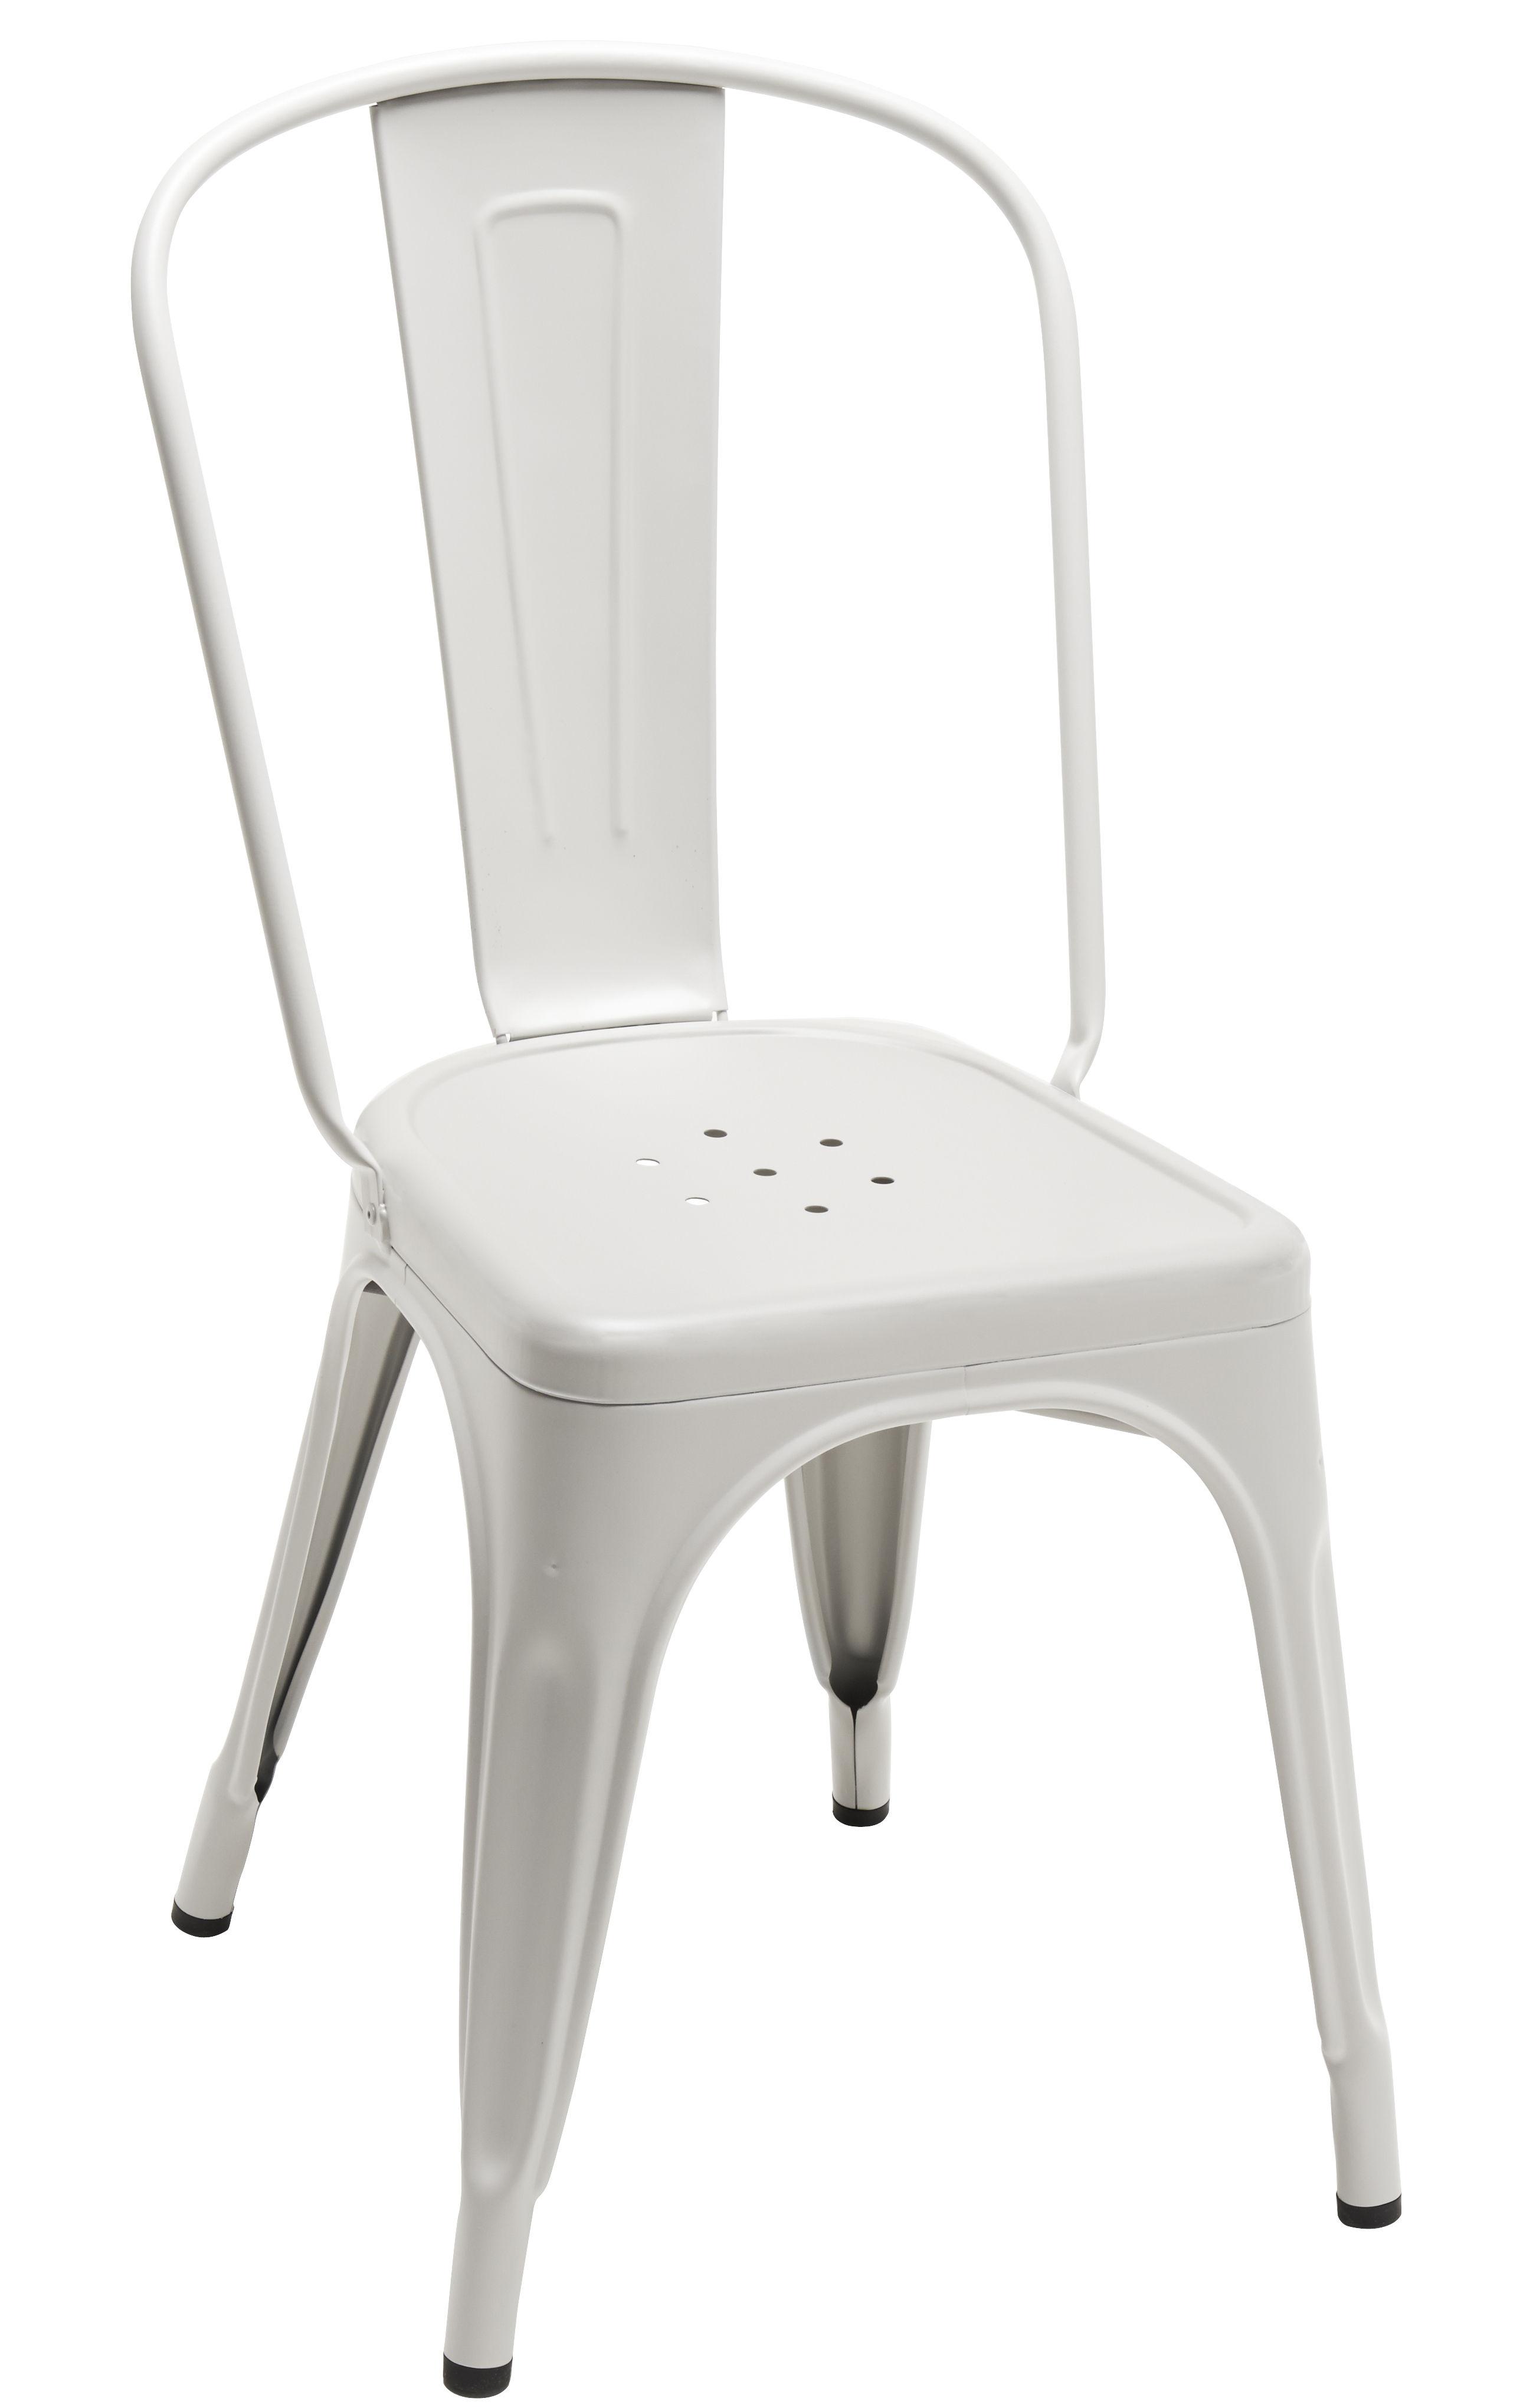 chaise empilable a acier couleur mate le corbusier gris clair 31 tolix. Black Bedroom Furniture Sets. Home Design Ideas